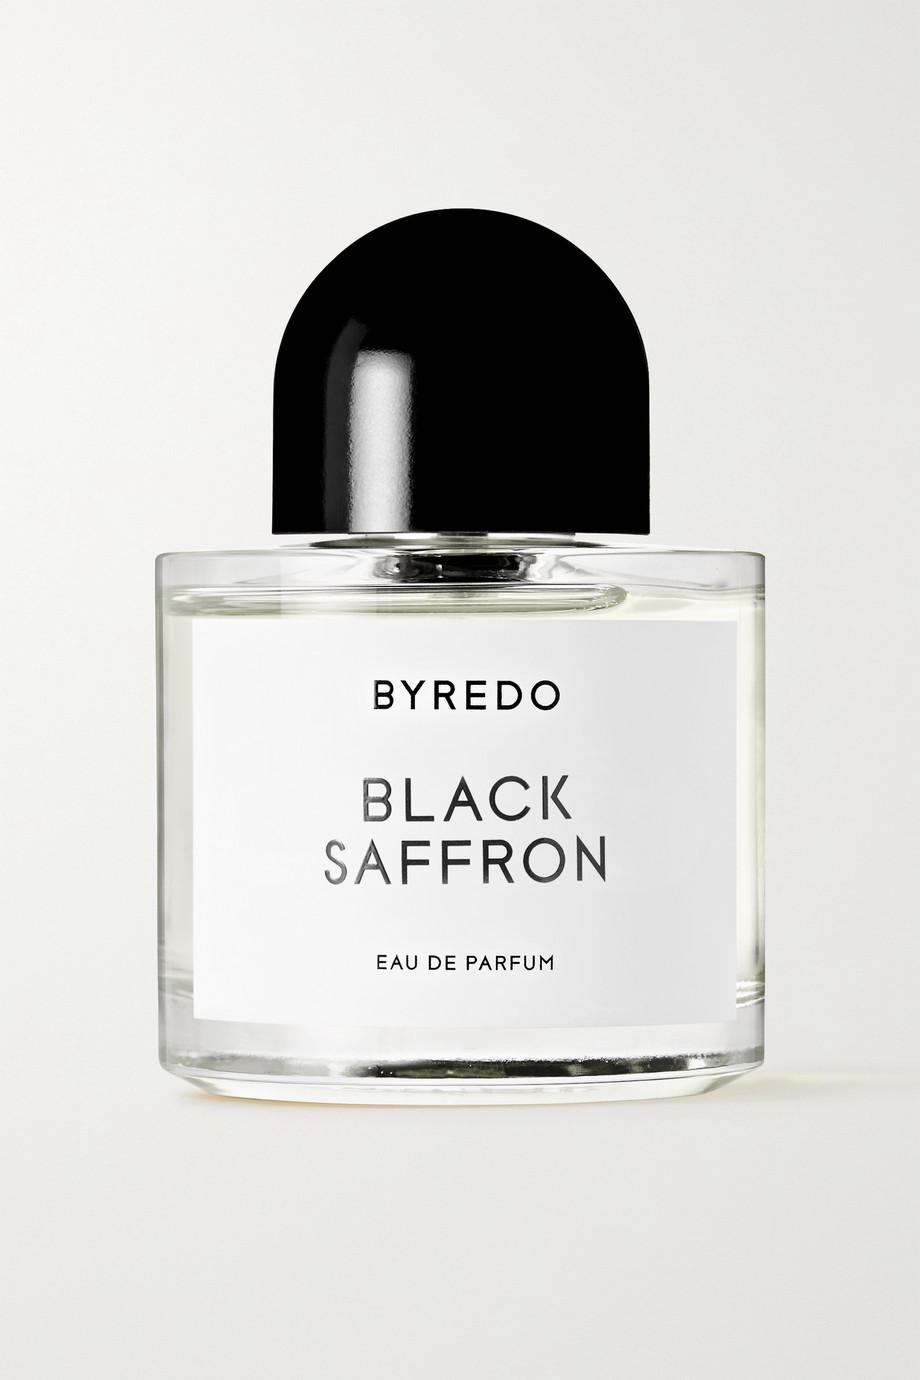 Byredo Eau de Parfum - Black Saffron, 50ml